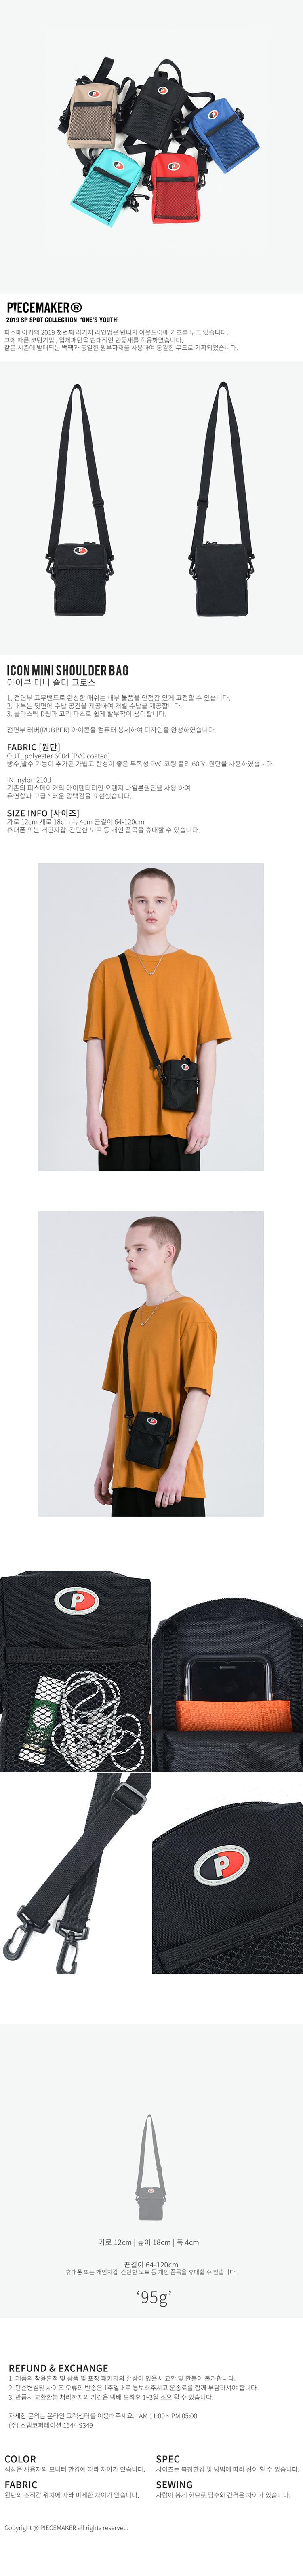 ICON MINI SHOULDER BAG (BLACK)19,800원-피스메이커패션잡화, 가방, 크로스백, 패브릭크로스백바보사랑ICON MINI SHOULDER BAG (BLACK)19,800원-피스메이커패션잡화, 가방, 크로스백, 패브릭크로스백바보사랑